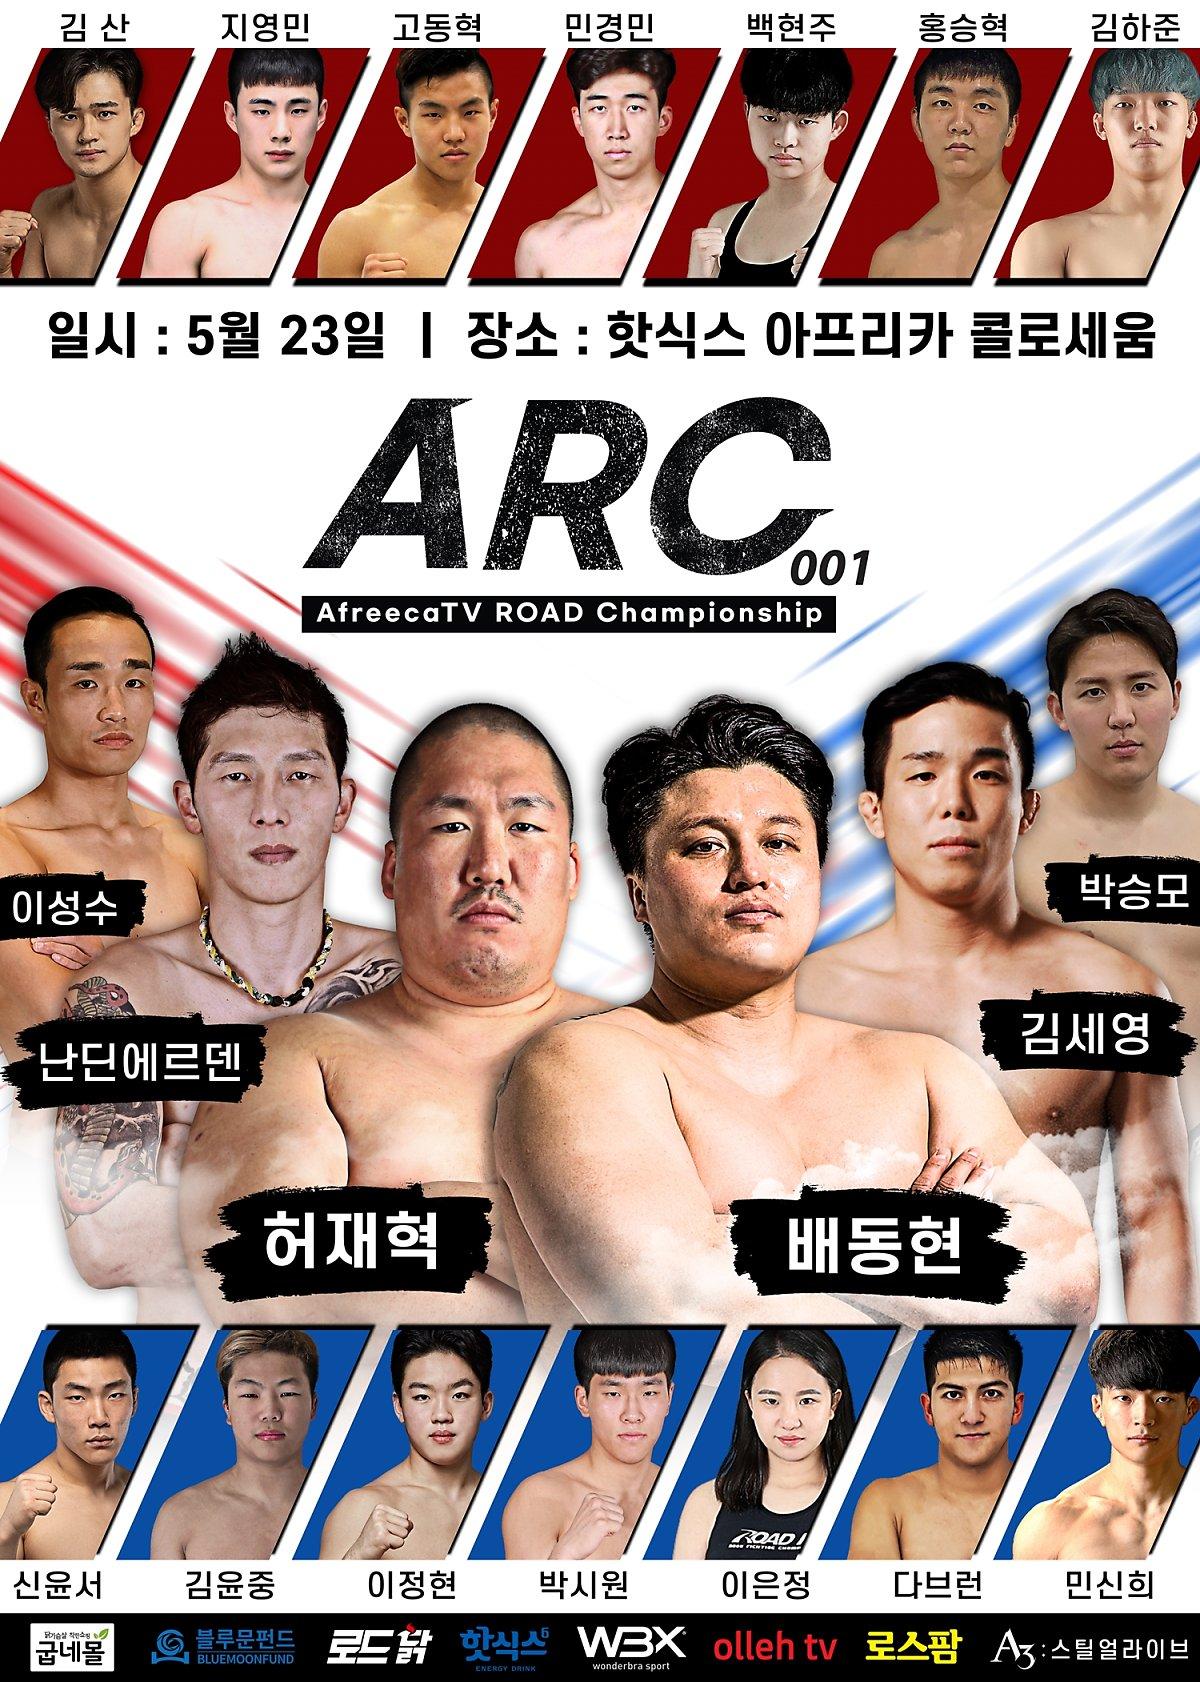 ARC_001_%ED%8F%AC%EC%8A%A4%ED%84%B0_%28%